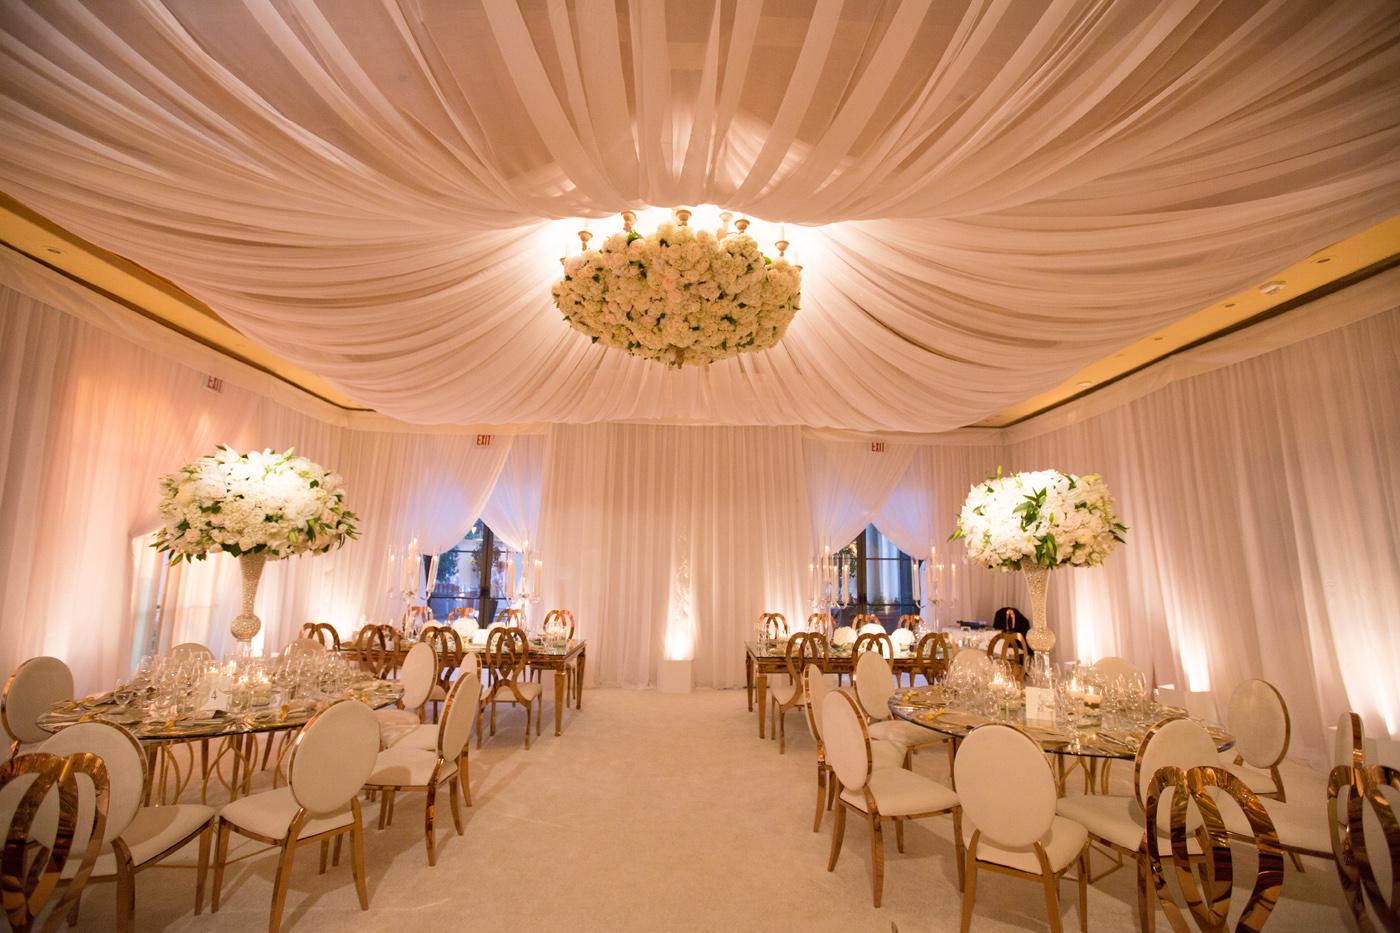 016_DukePhotography_DukeImages_Wedding_Details.jpg